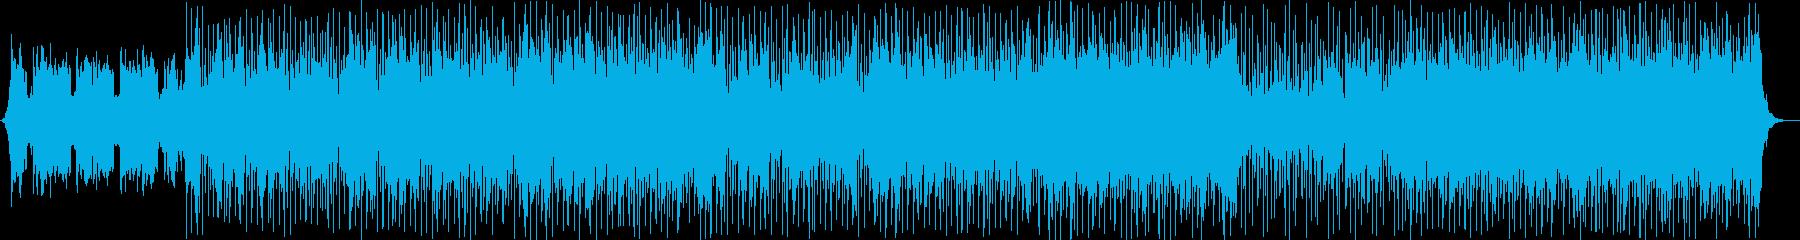 繰り返します。 EP @ 2'05...の再生済みの波形